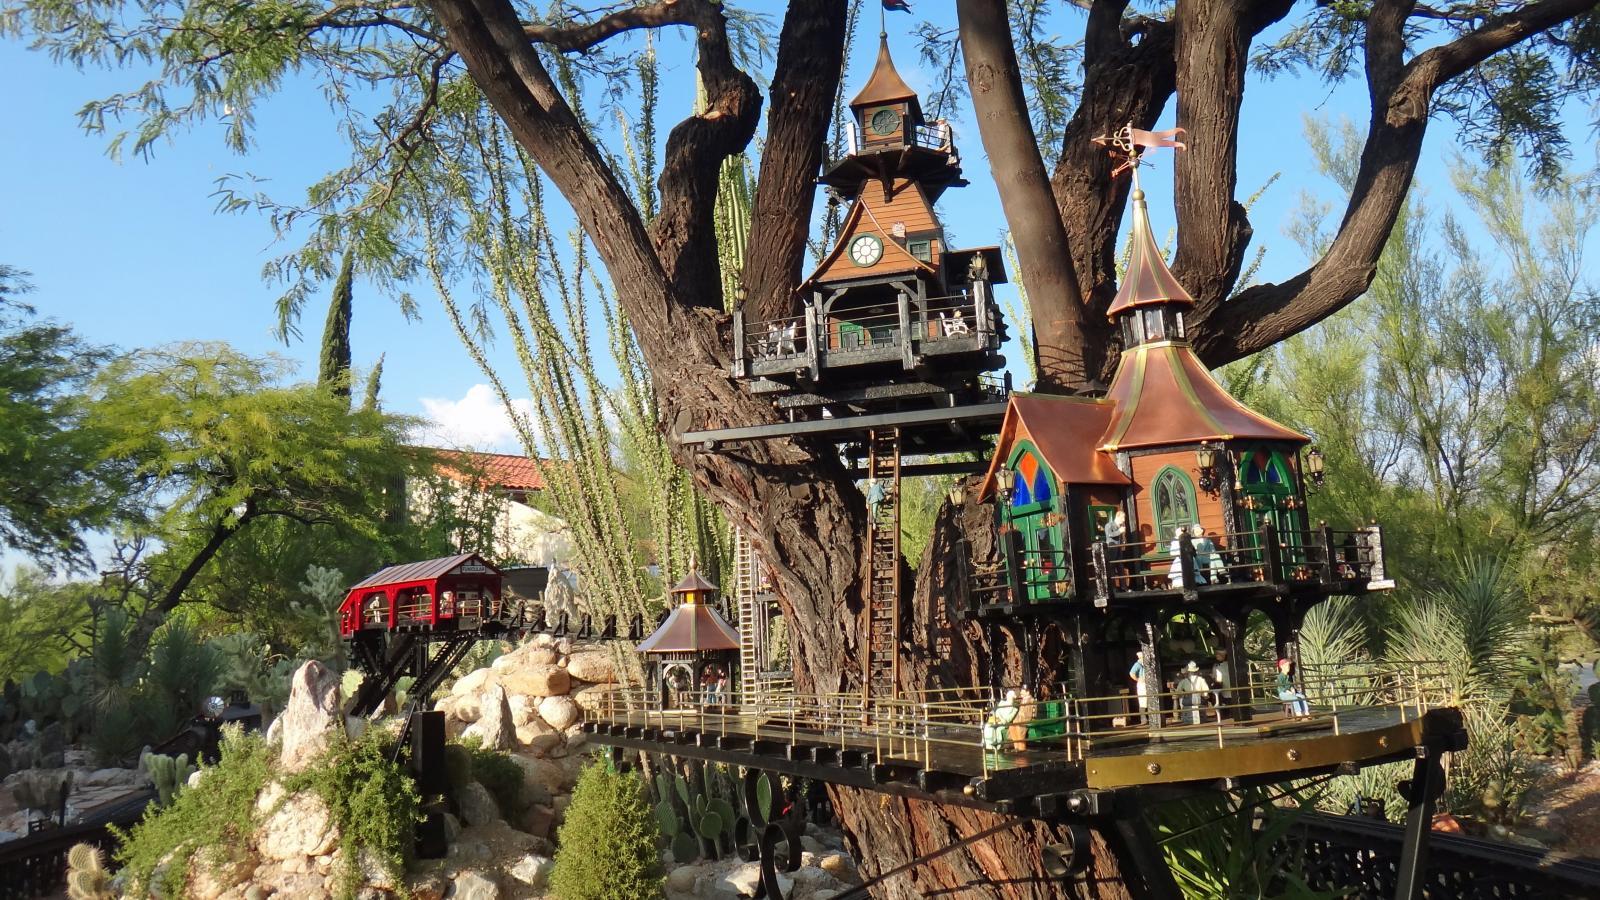 Garden Railway Treehouse Remodeled-23.JPG